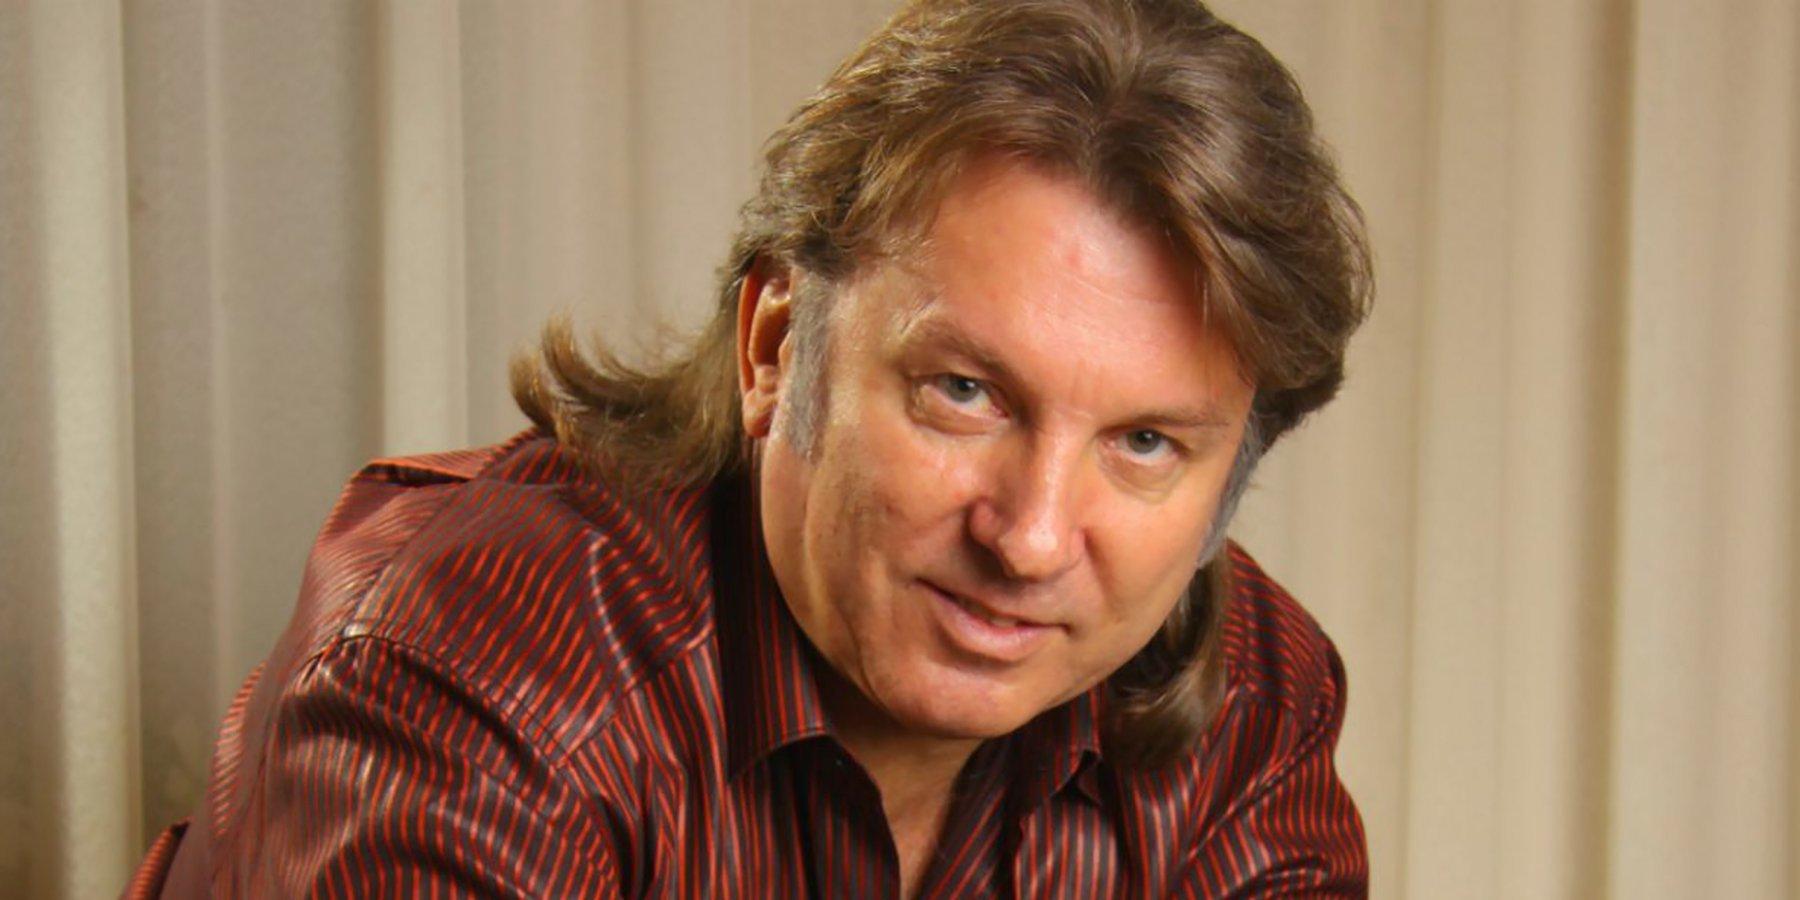 Юрий Лоза ответил актеру Дюжеву, который оскорбил россиян